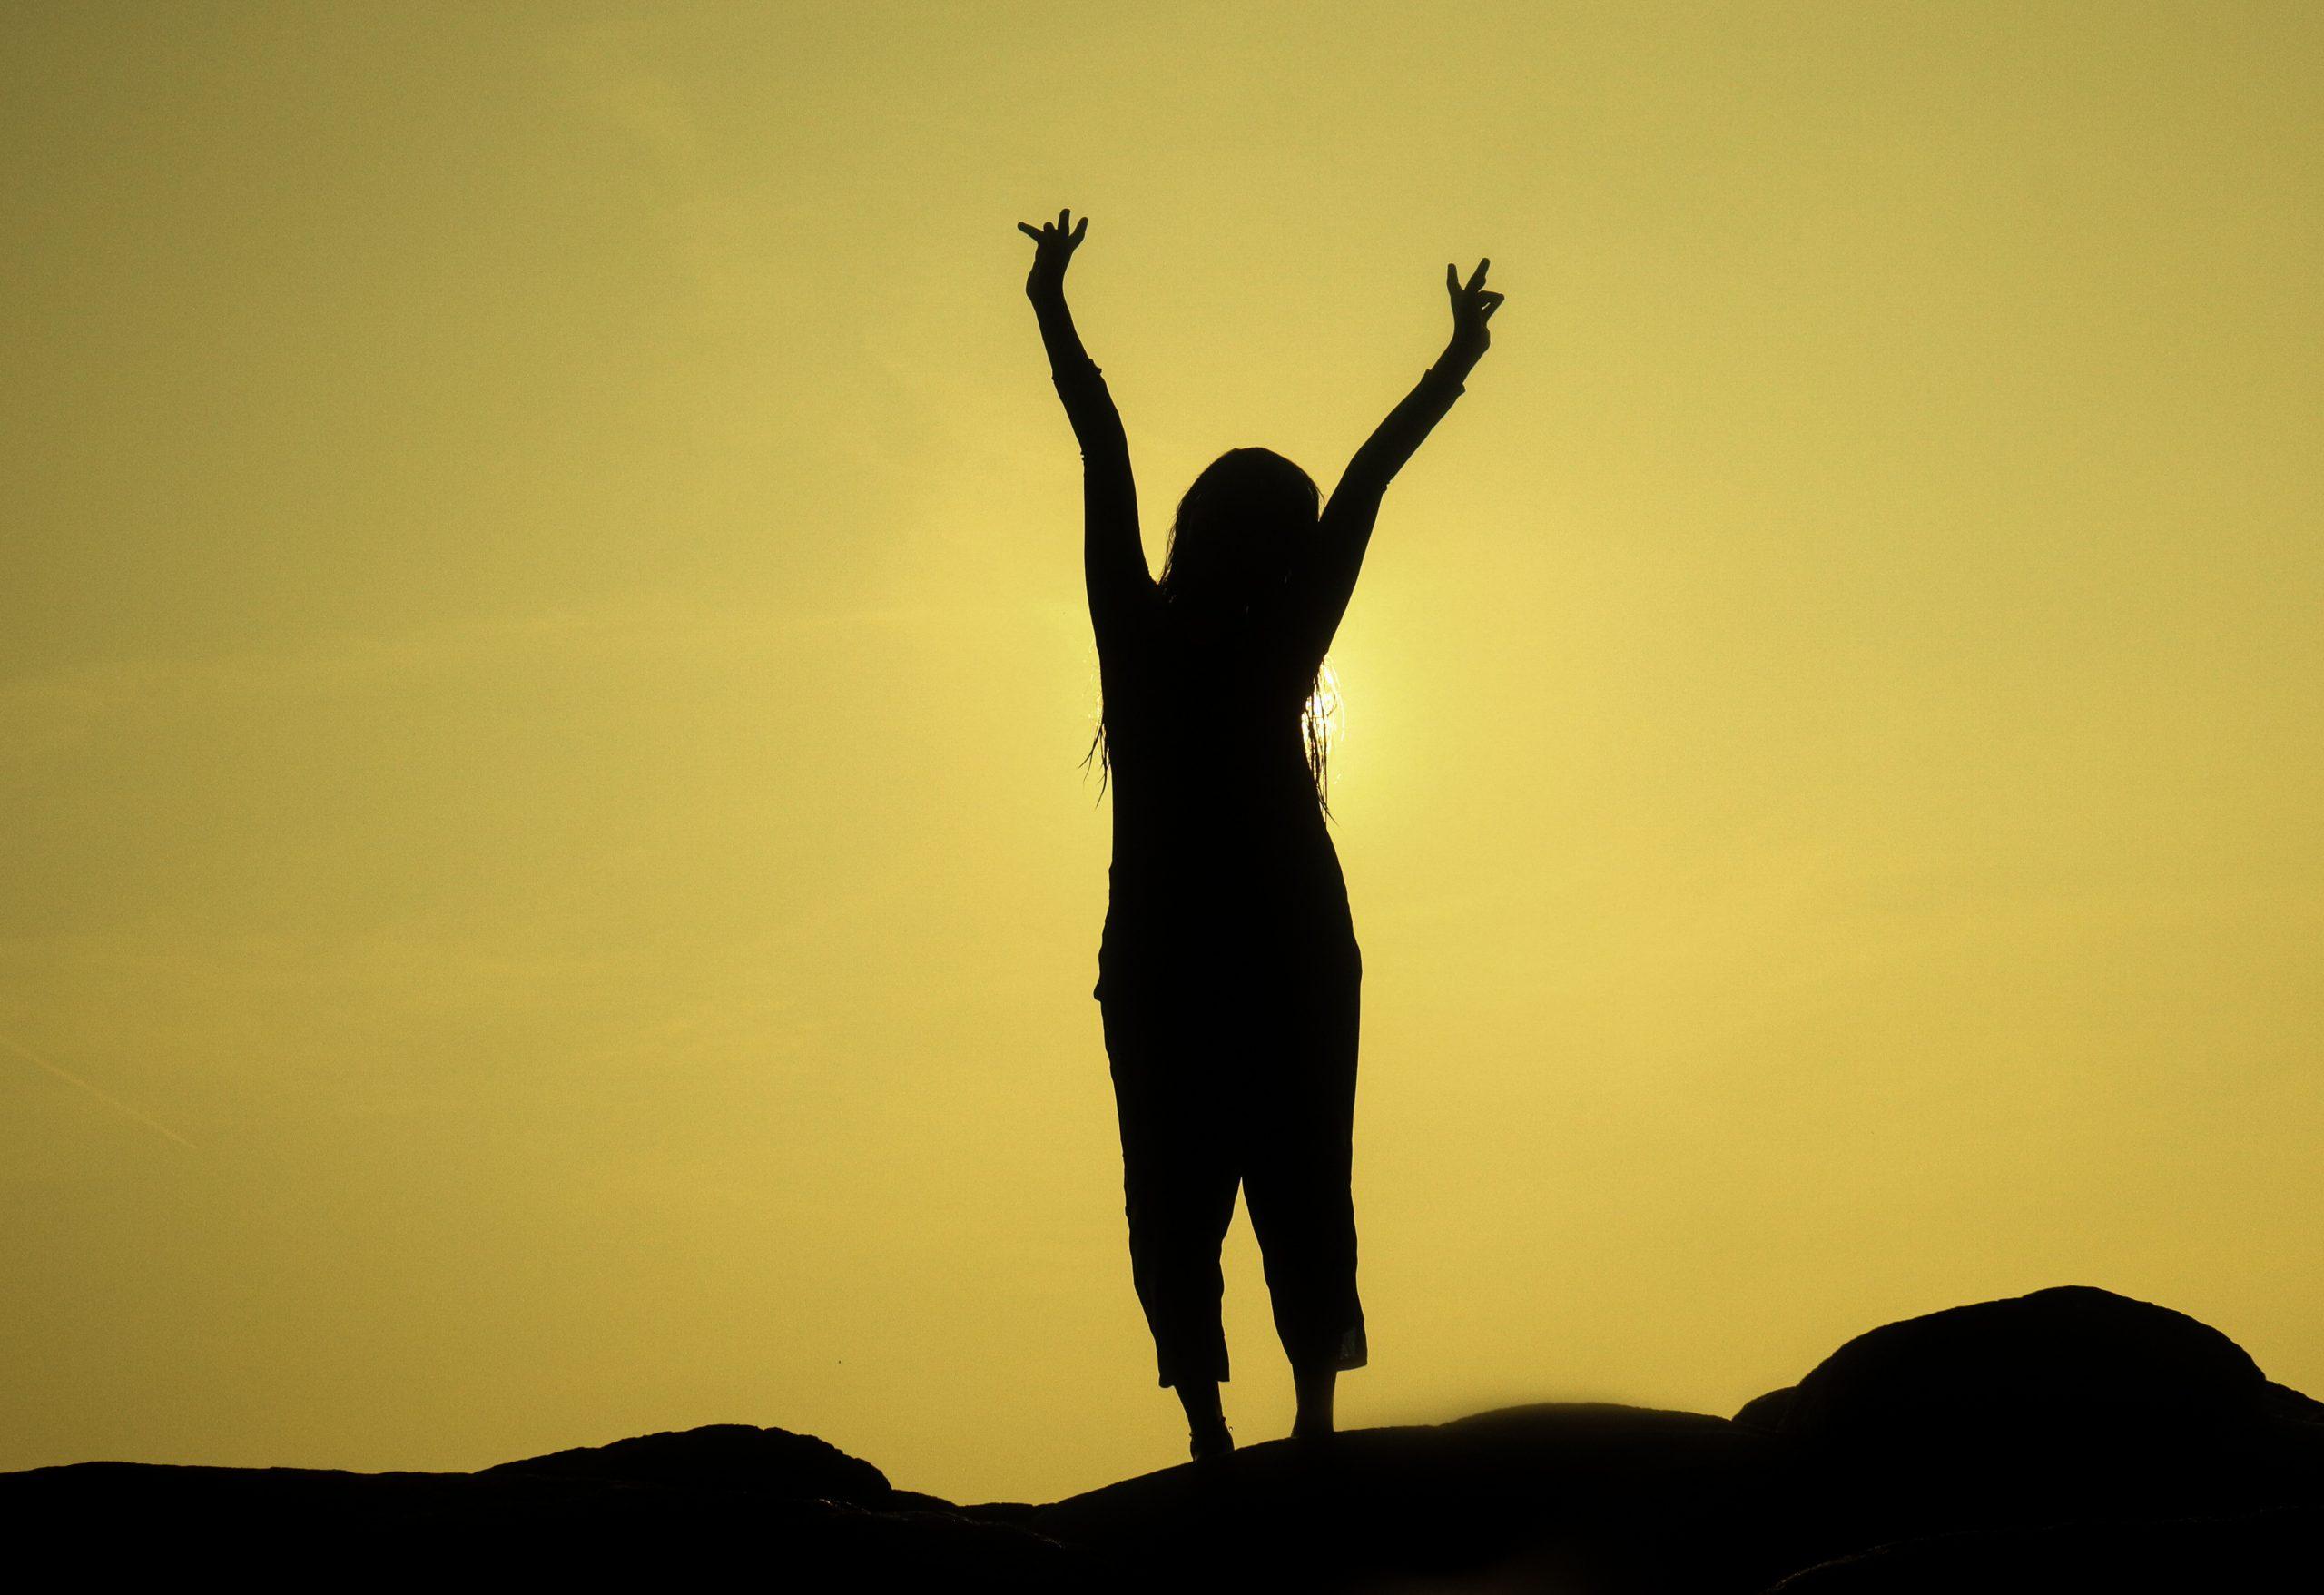 Girl posing in Sunset